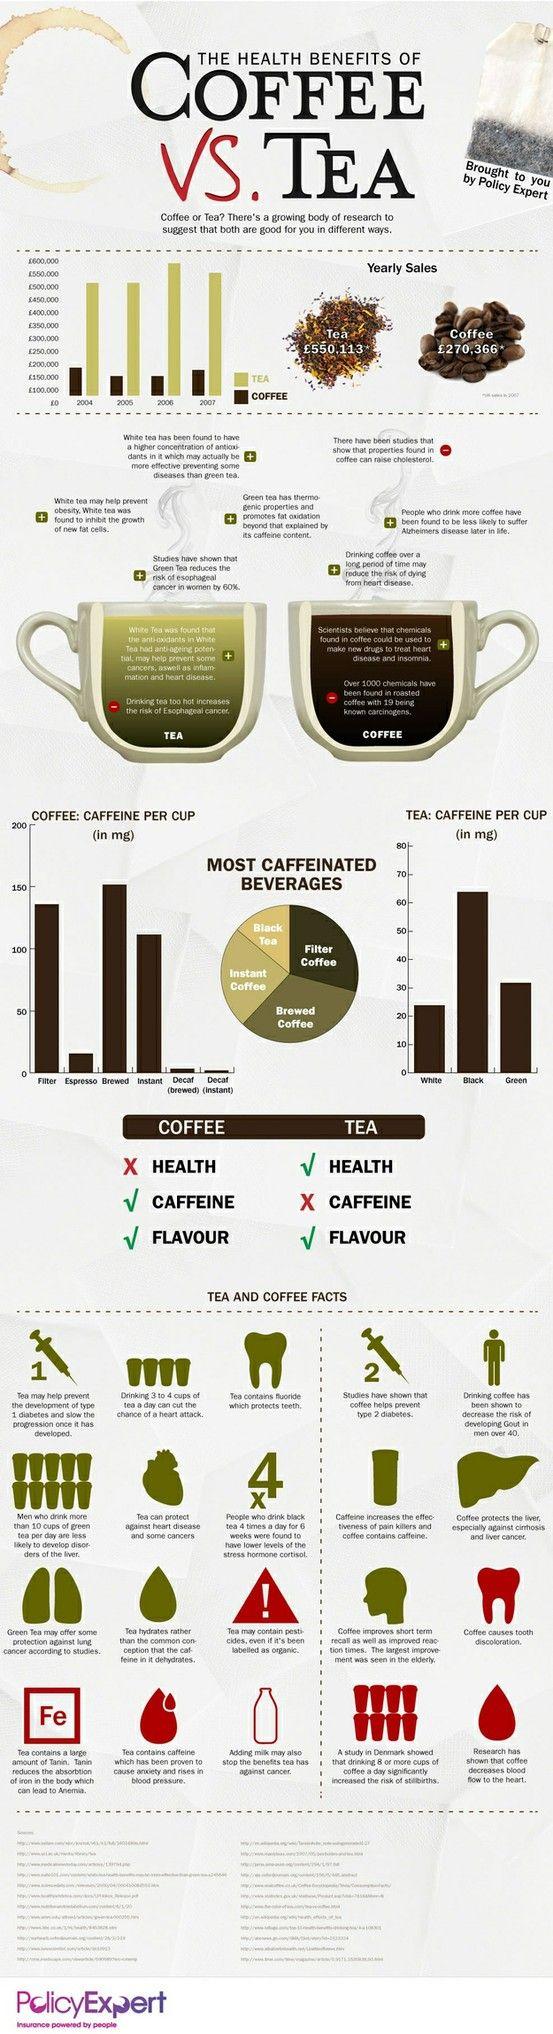 Czy zastanawialiście się kiedyś, jak to naprawdę jest z tą #kawa i #herbata? Która jest dla nas zdrowsza? Zerknijcie :)  #SlightlyDelicious